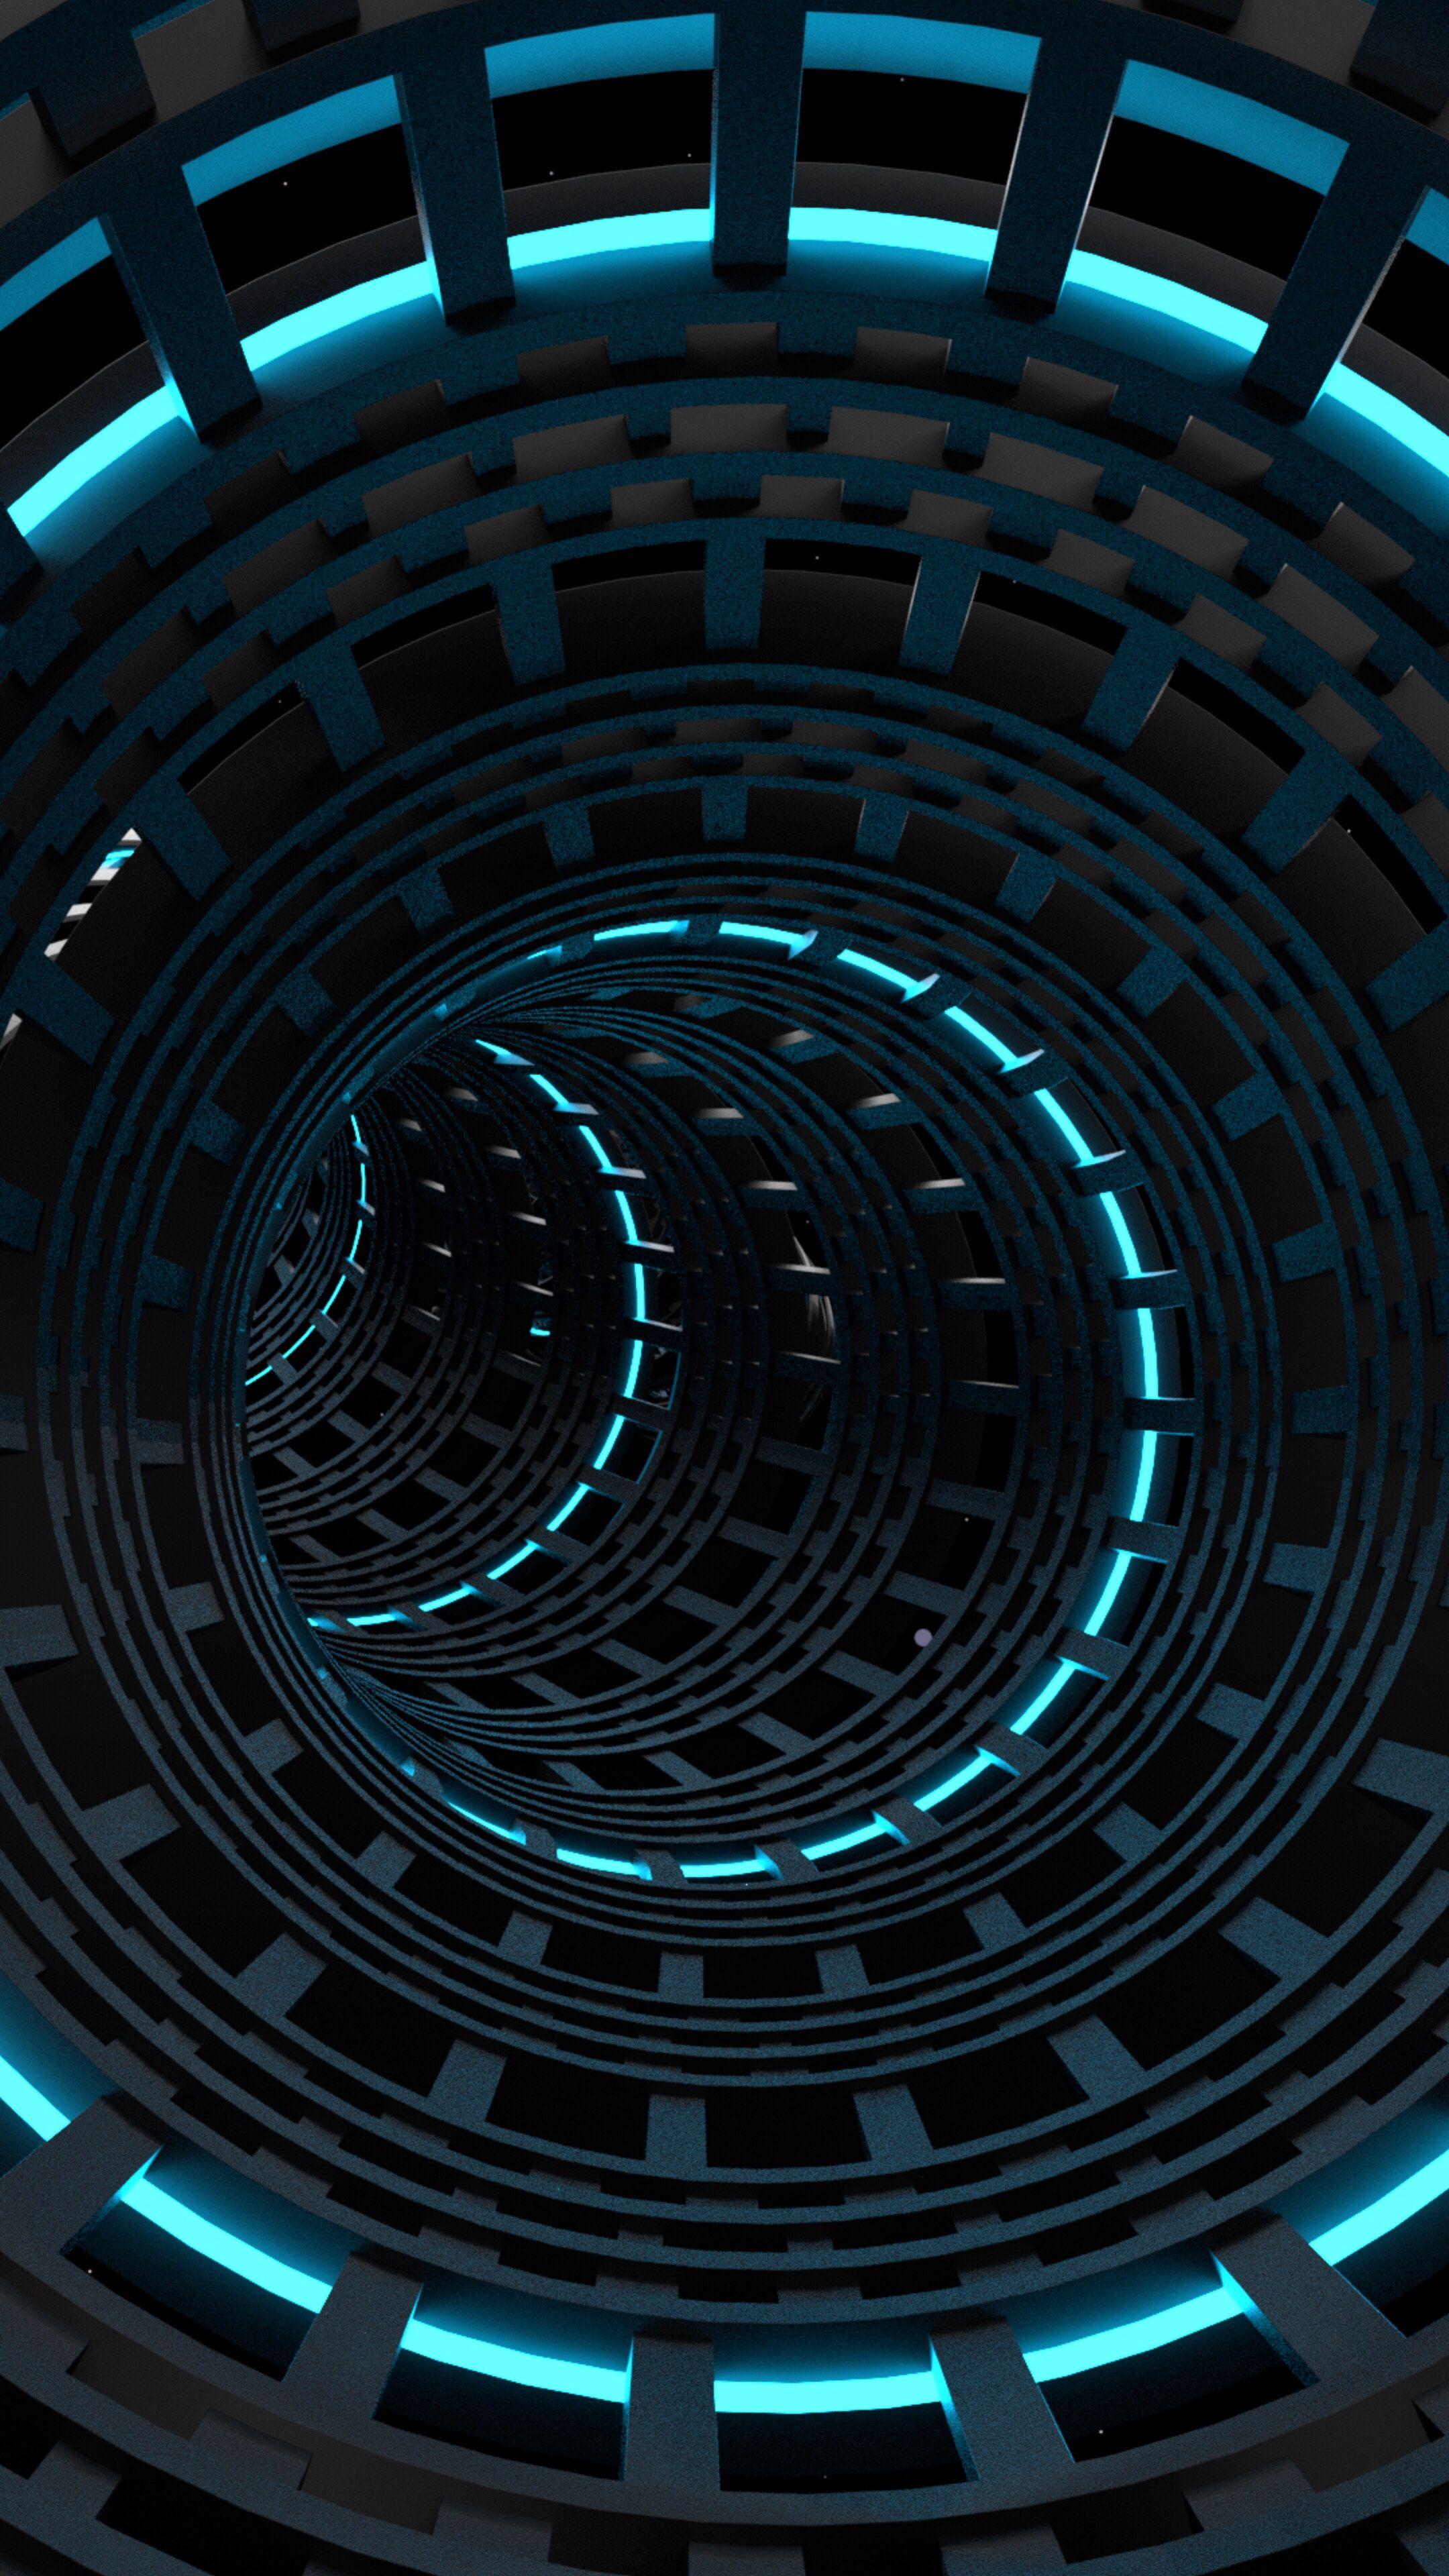 84450 Hintergrundbild 720x1280 kostenlos auf deinem Handy, lade Bilder Kreise, Textur, Texturen, Hintergrundbeleuchtung, Beleuchtung, Spiral, Spirale, Eintauchen, Ornament 720x1280 auf dein Handy herunter